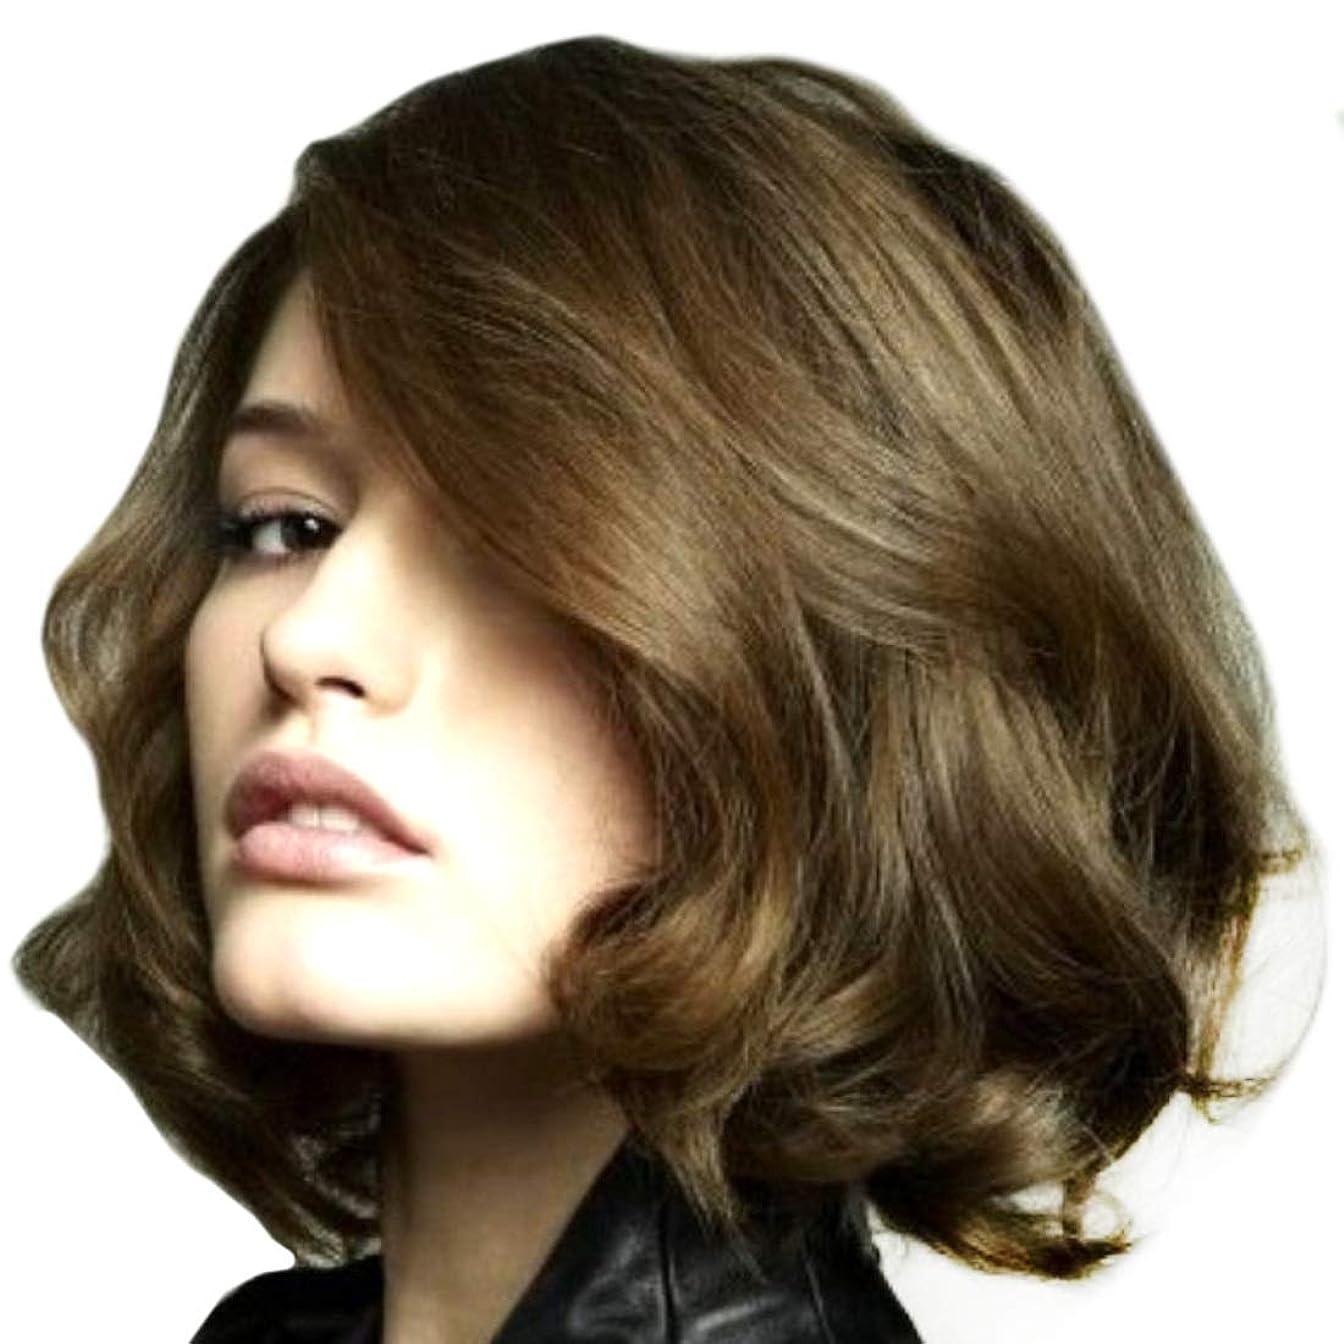 ハンディチームセマフォSummerys 女性のための短い巻き毛の斜め前髪化学繊維高温ワイヤーをかつら